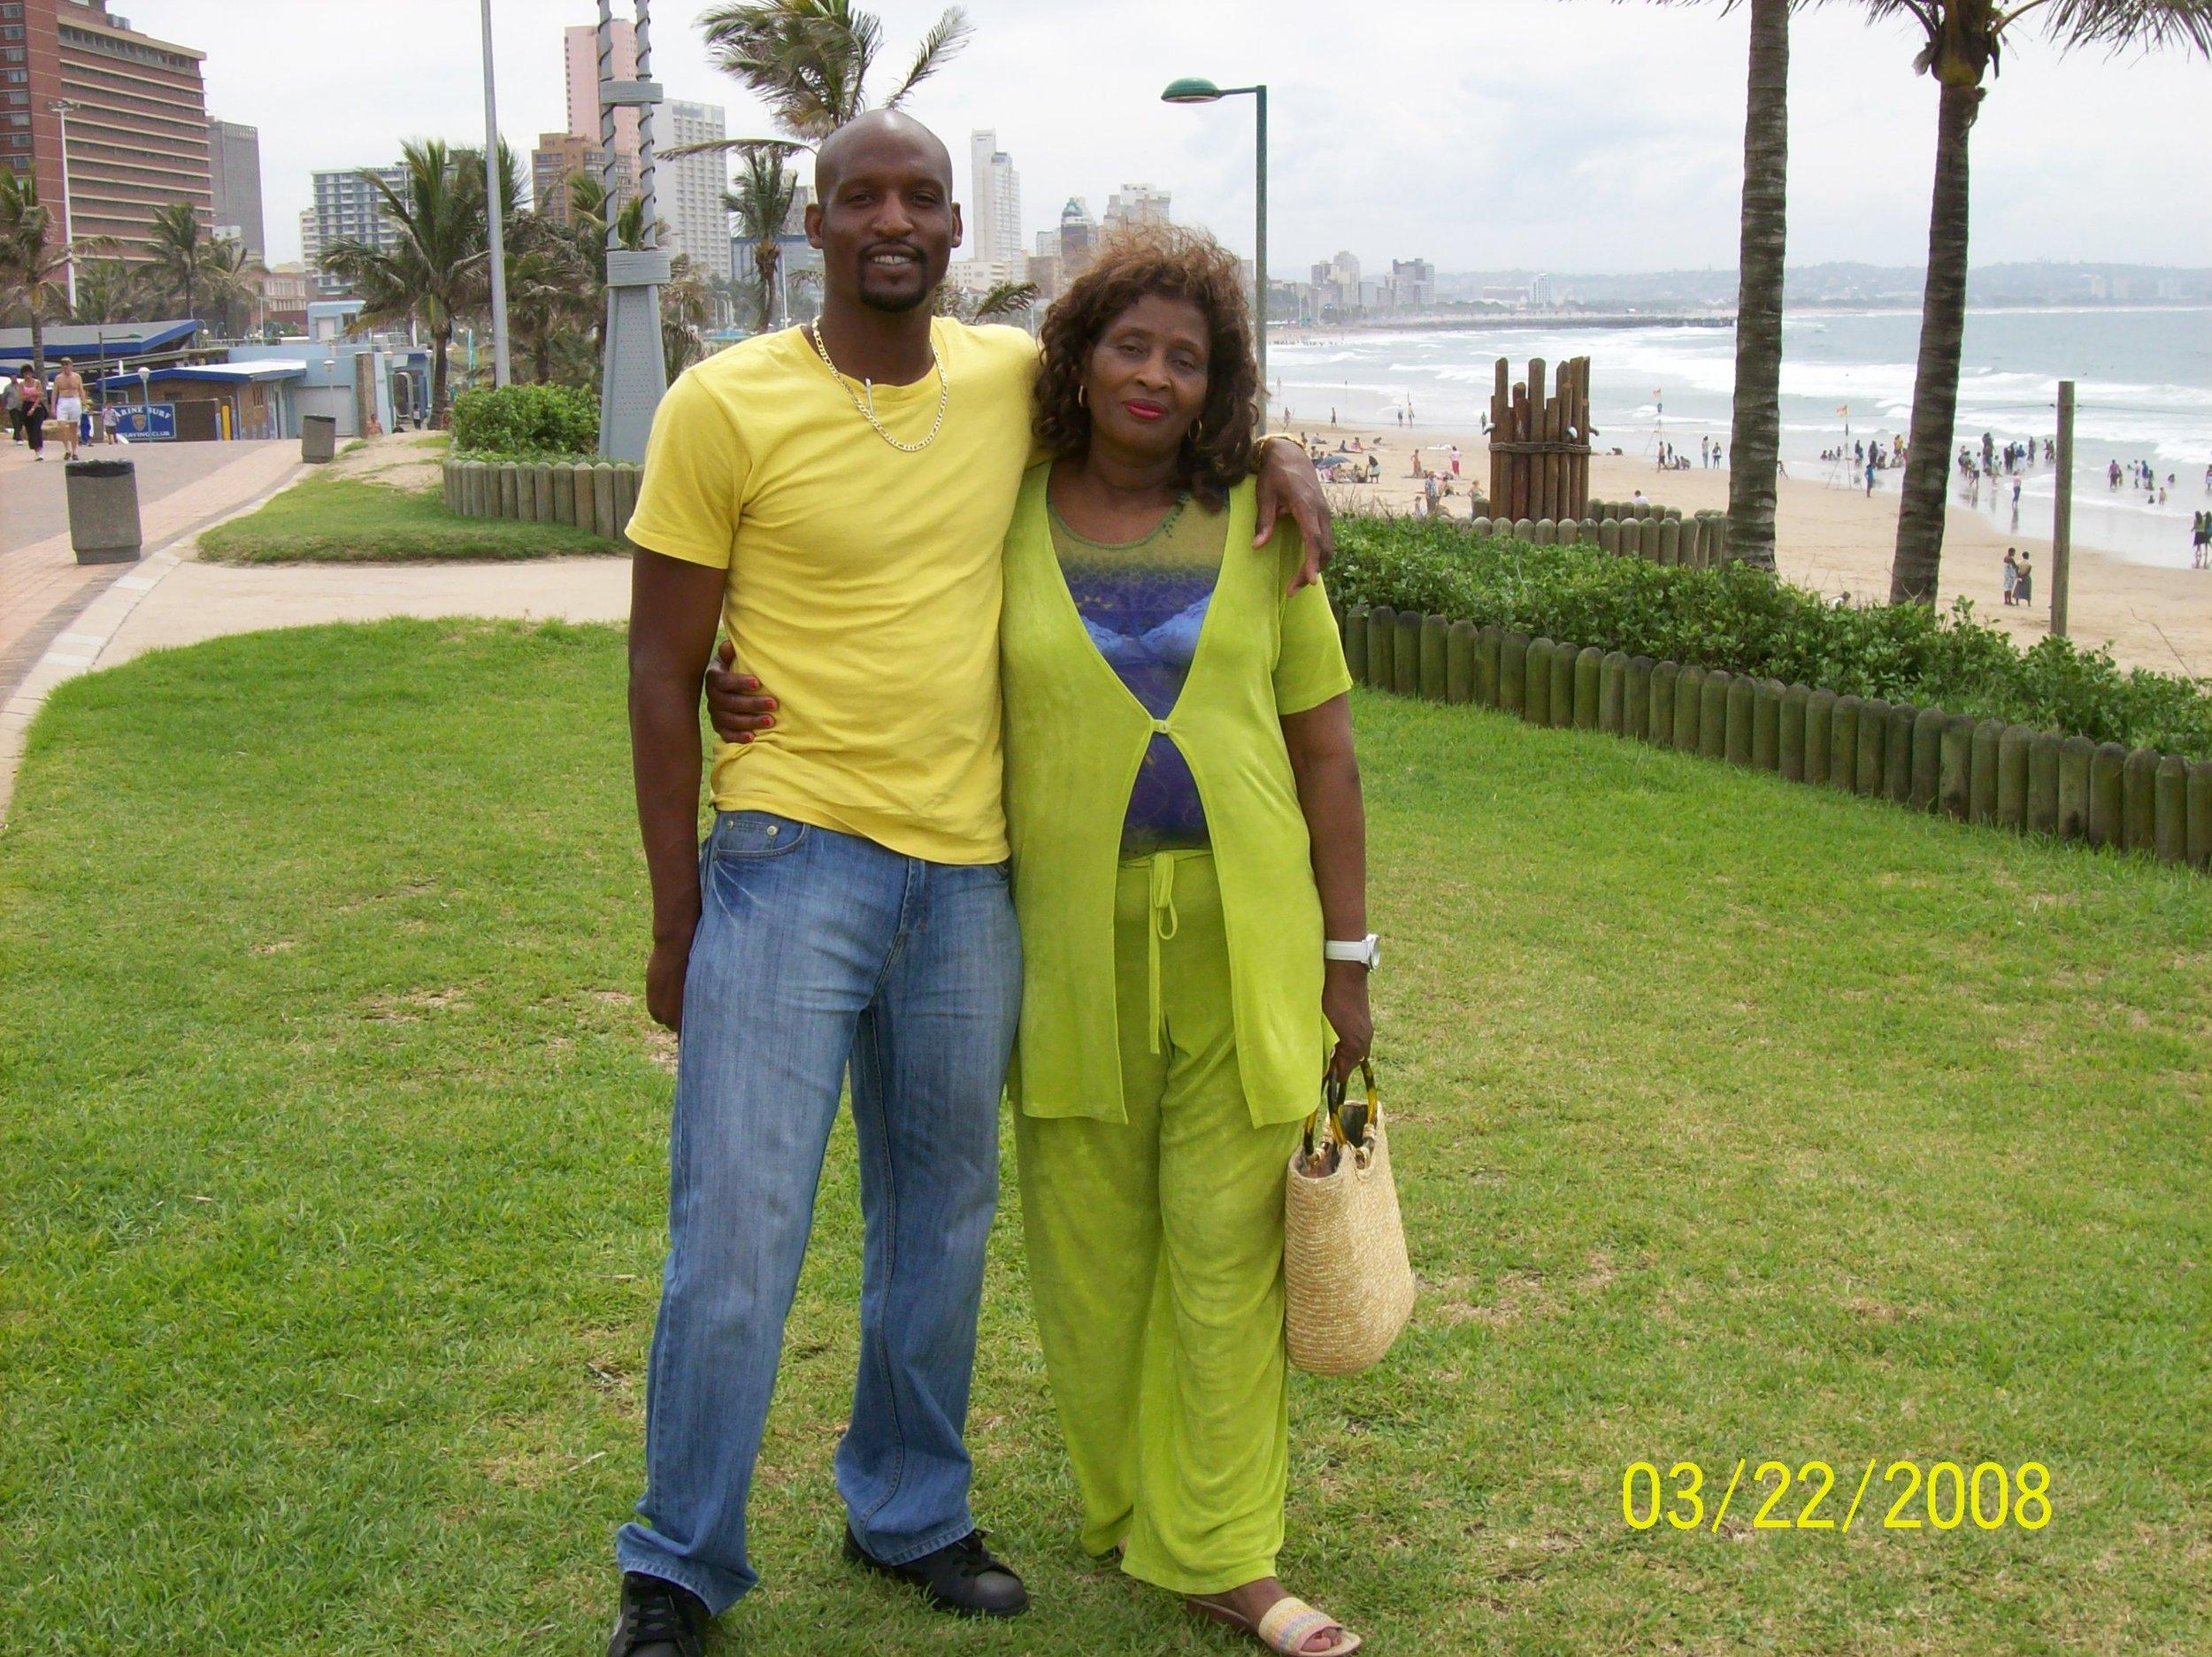 El-with-mom-along-coastline-in-Durban-South-Africa.jpg